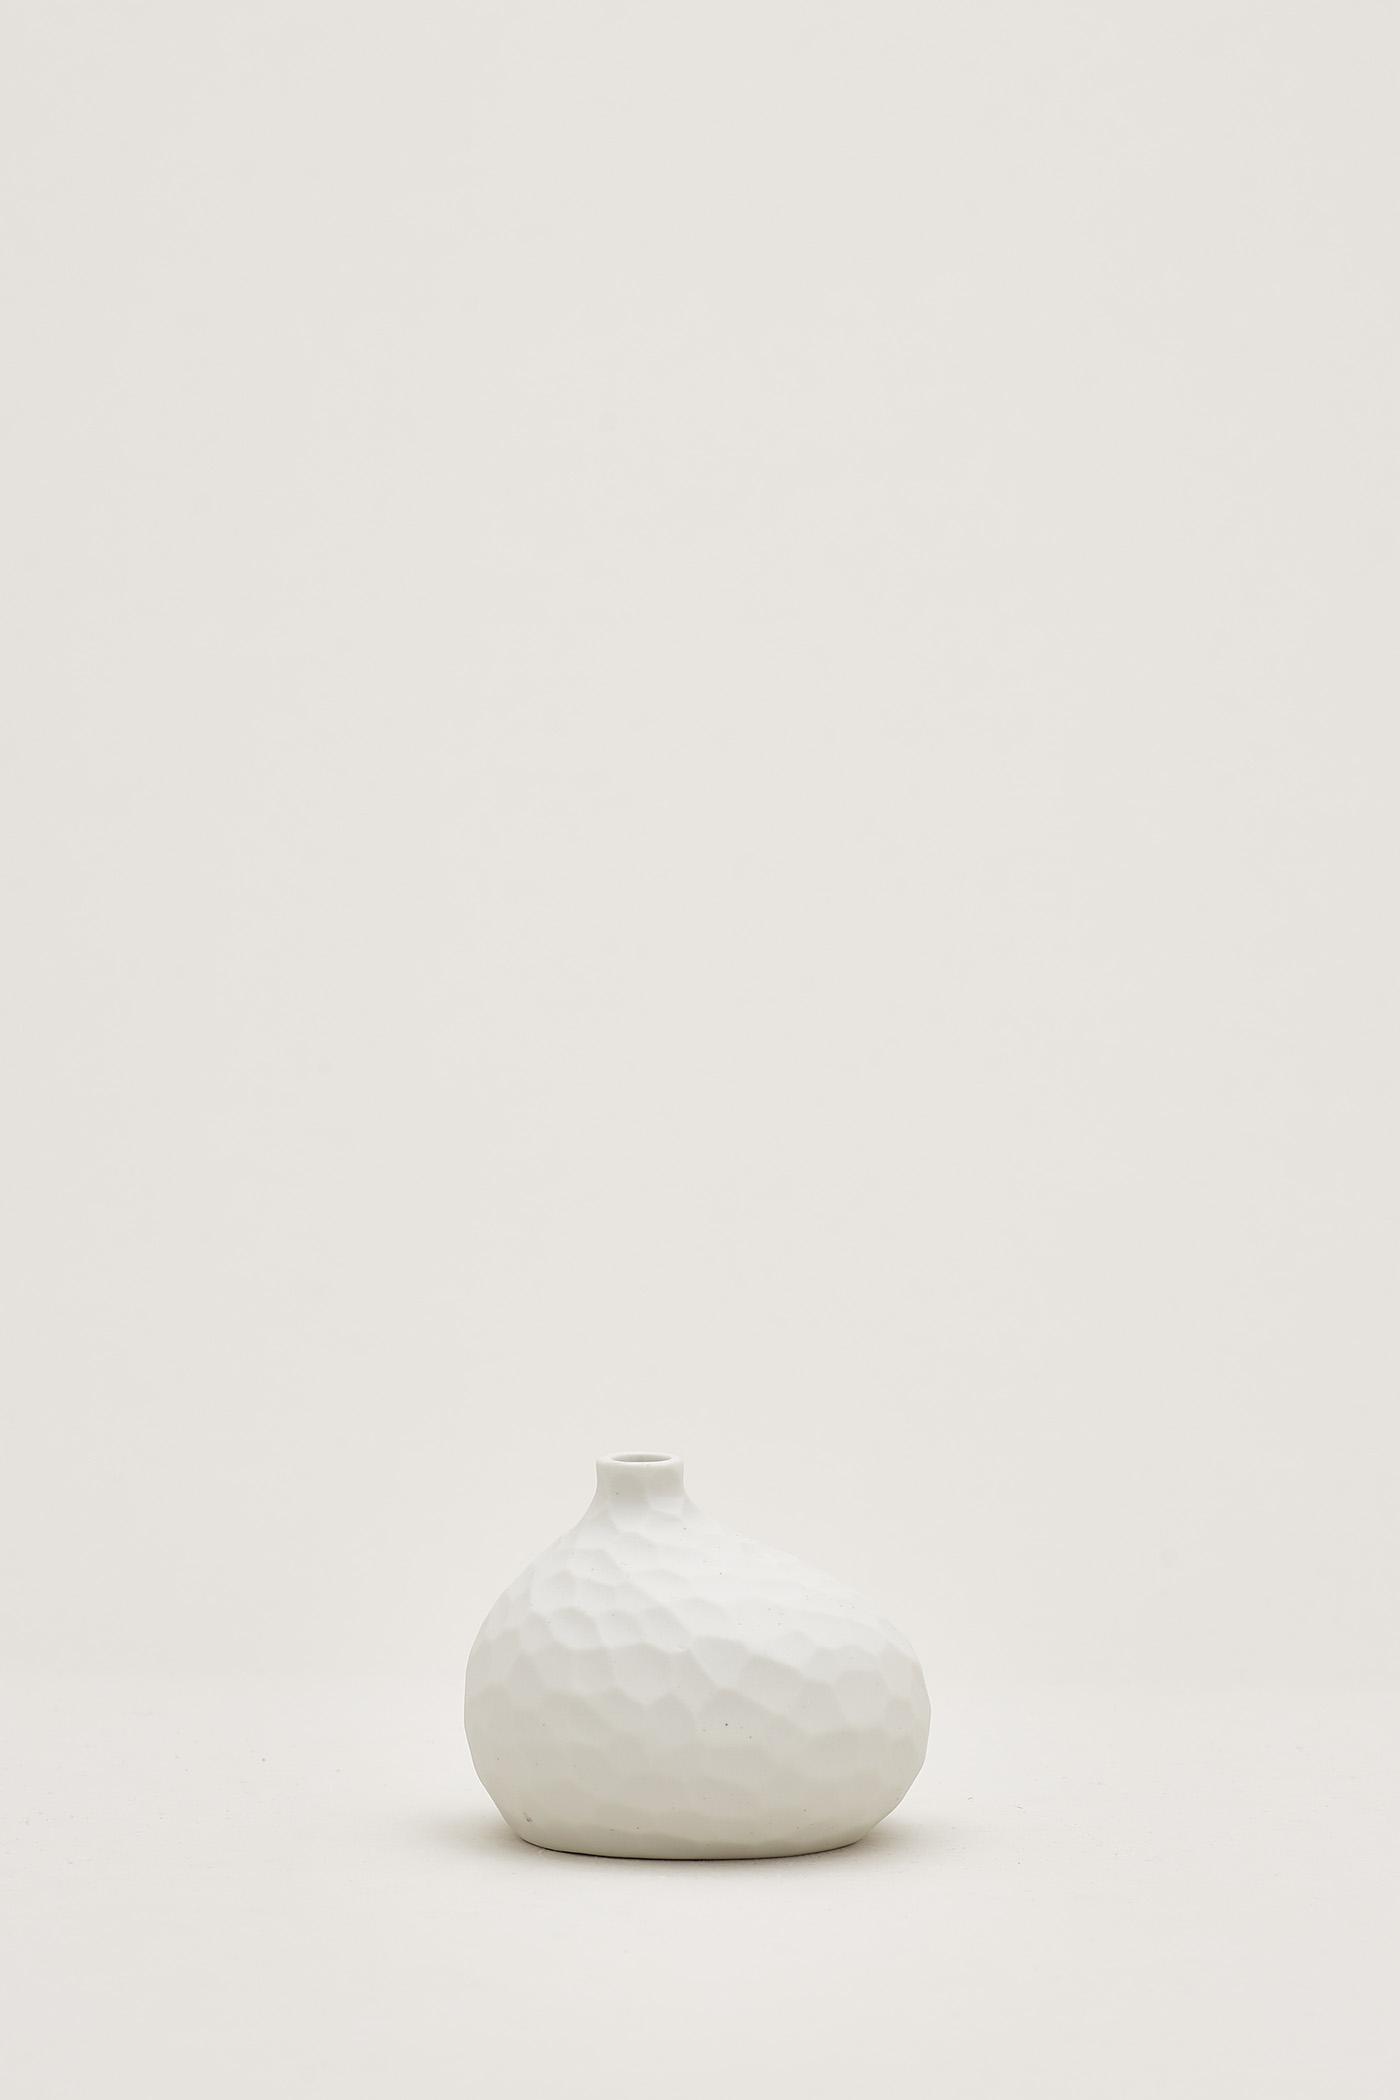 Ren Honeycomb Sphere Vase